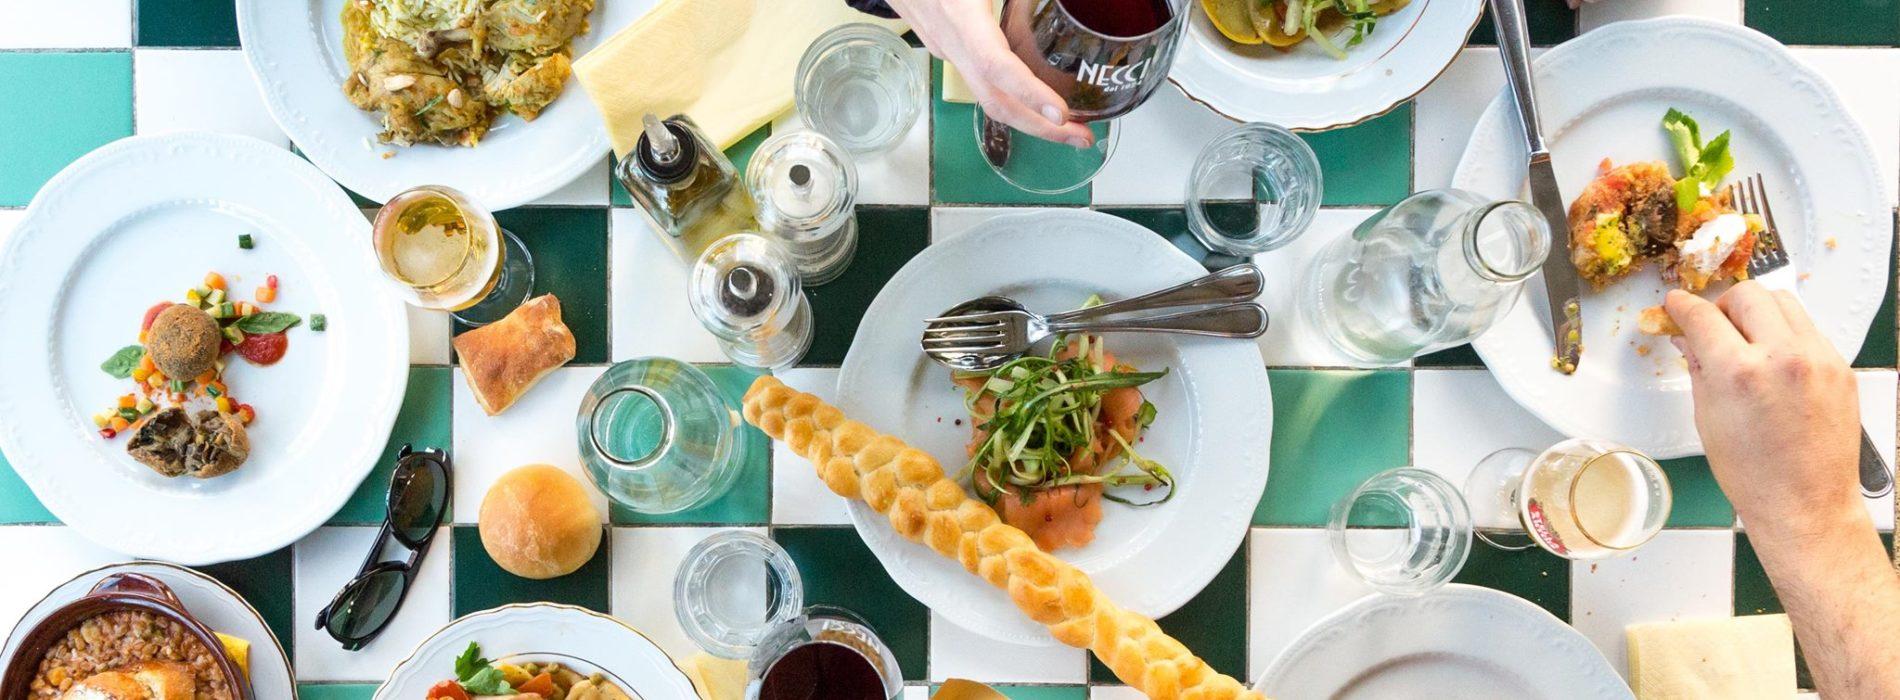 Nuove aperture Roma 2017, Di Iorio a Trastevere e al Pigneto apre un mega street food: le grandi manovre nella ristorazione capitolina